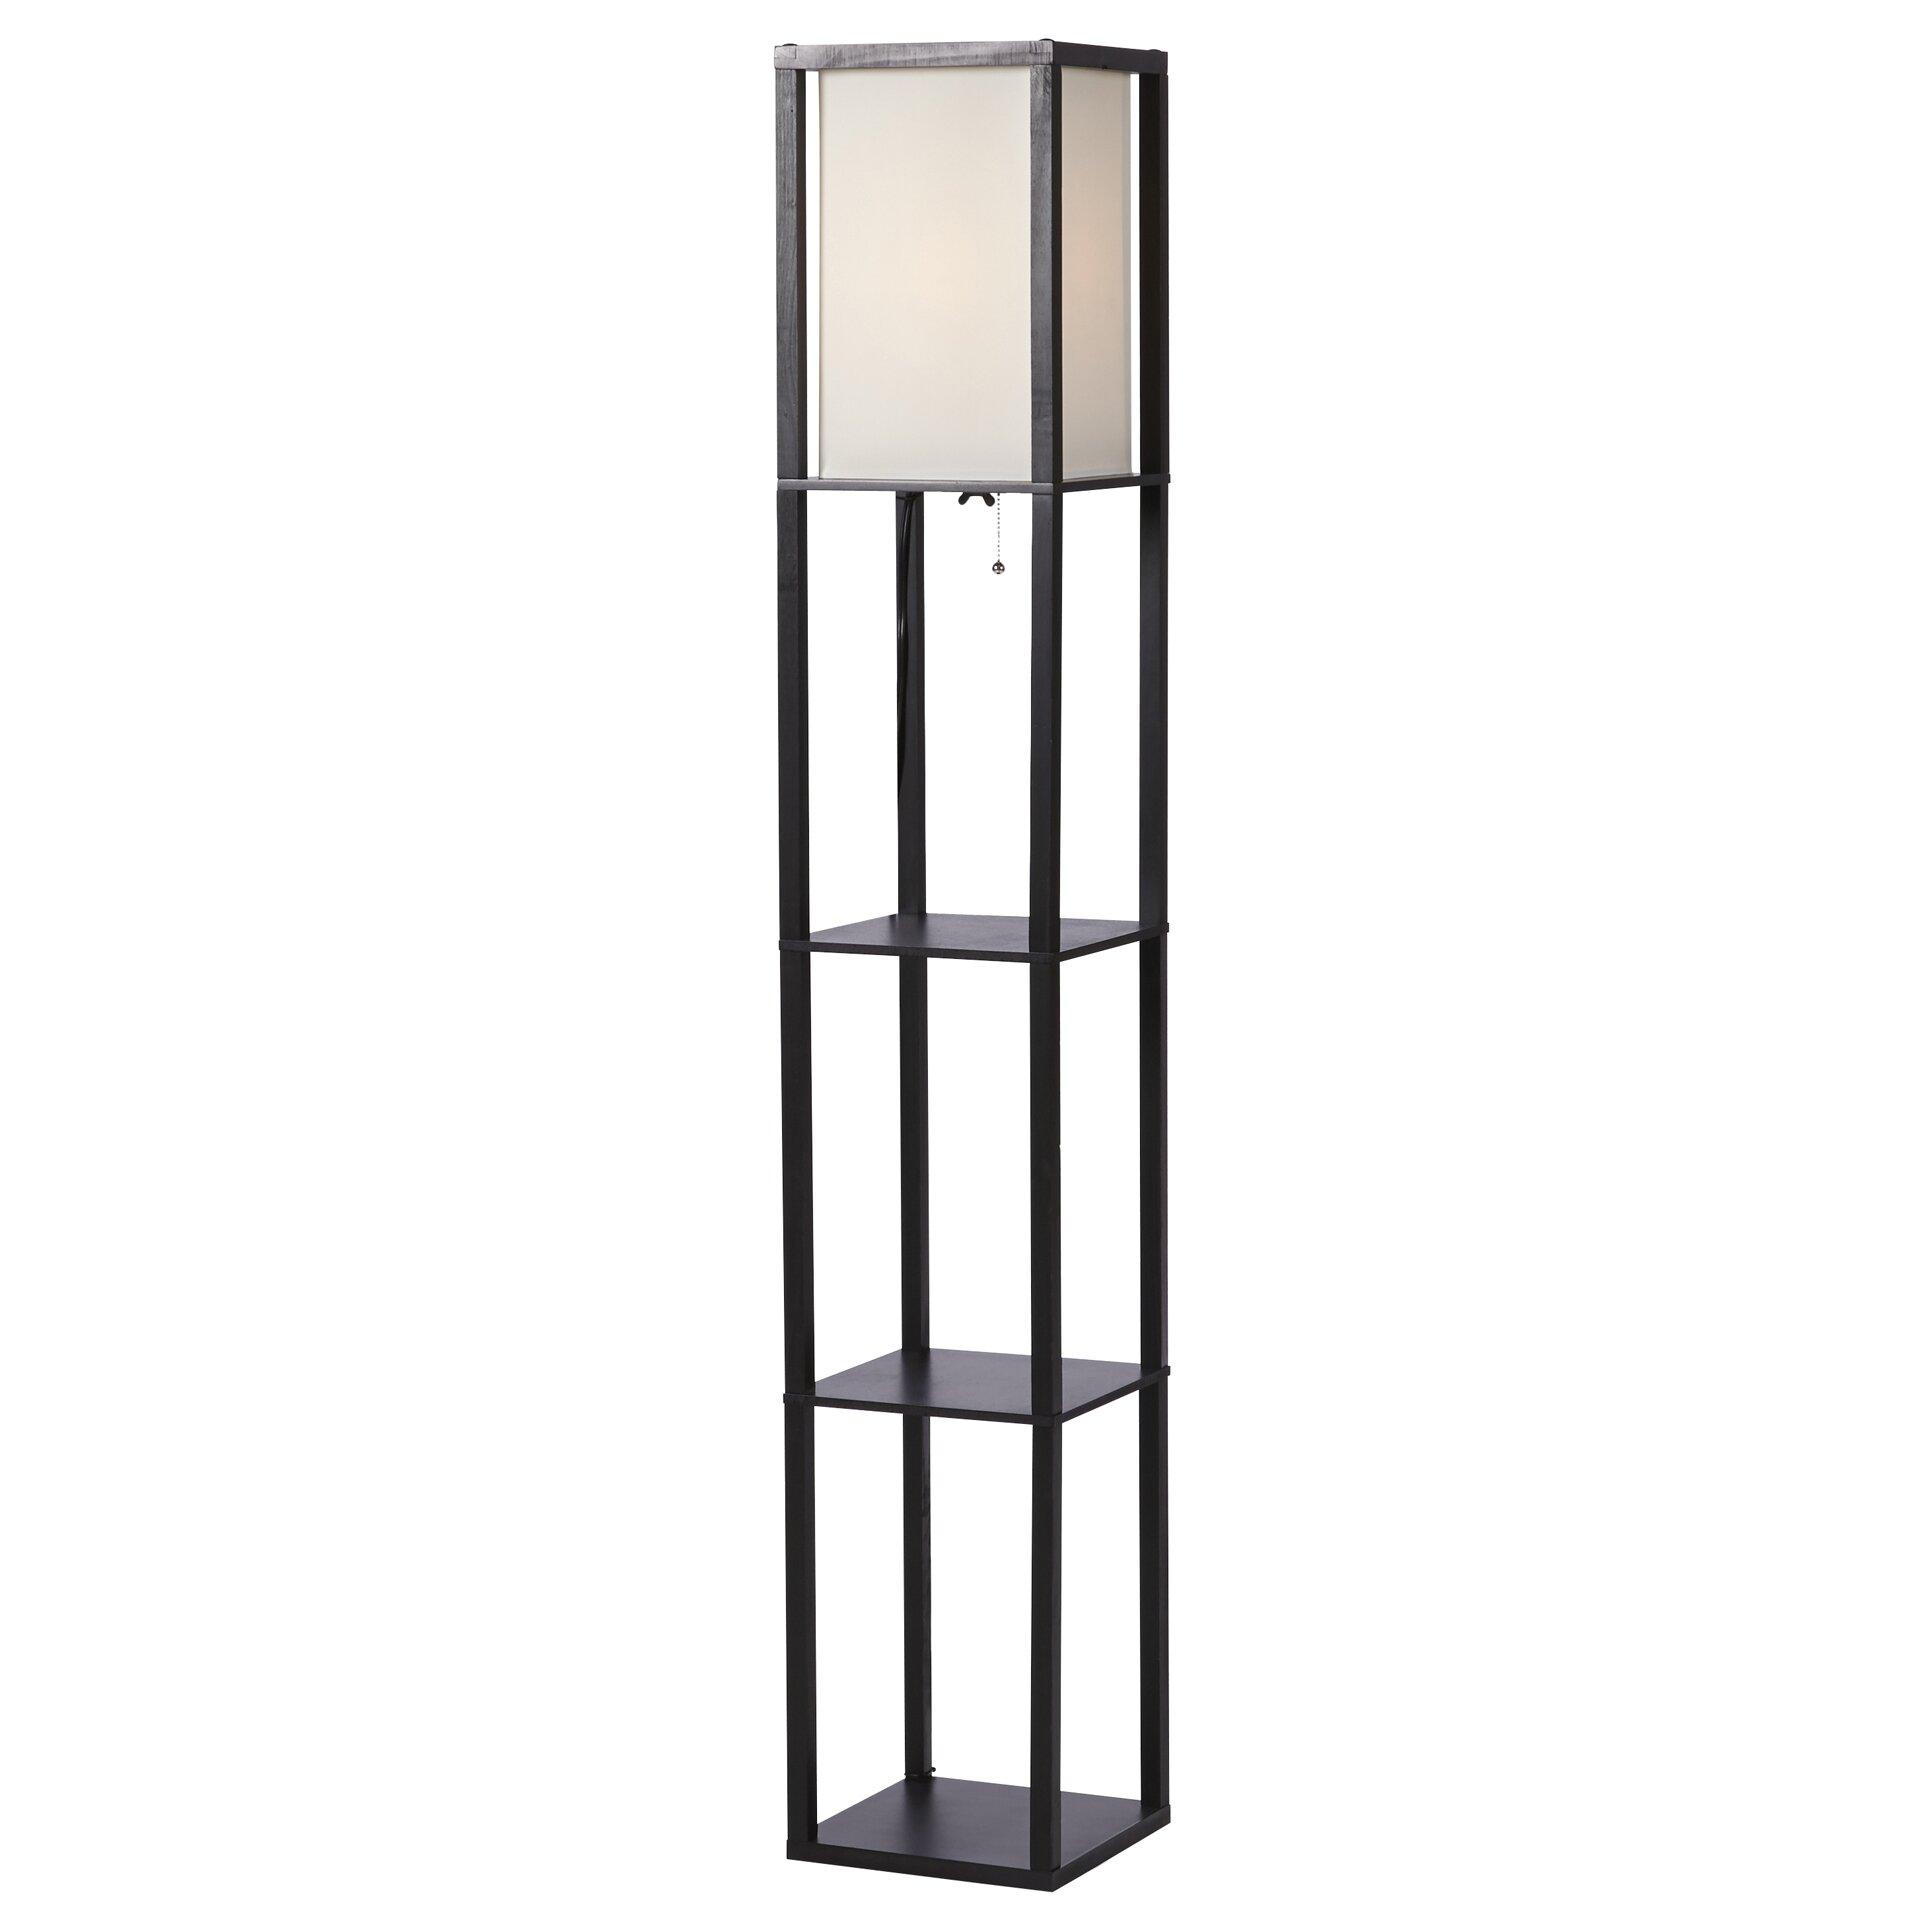 Zipcodetm design stefanie 628quot floor lamp reviews wayfair for 8 floor lamp